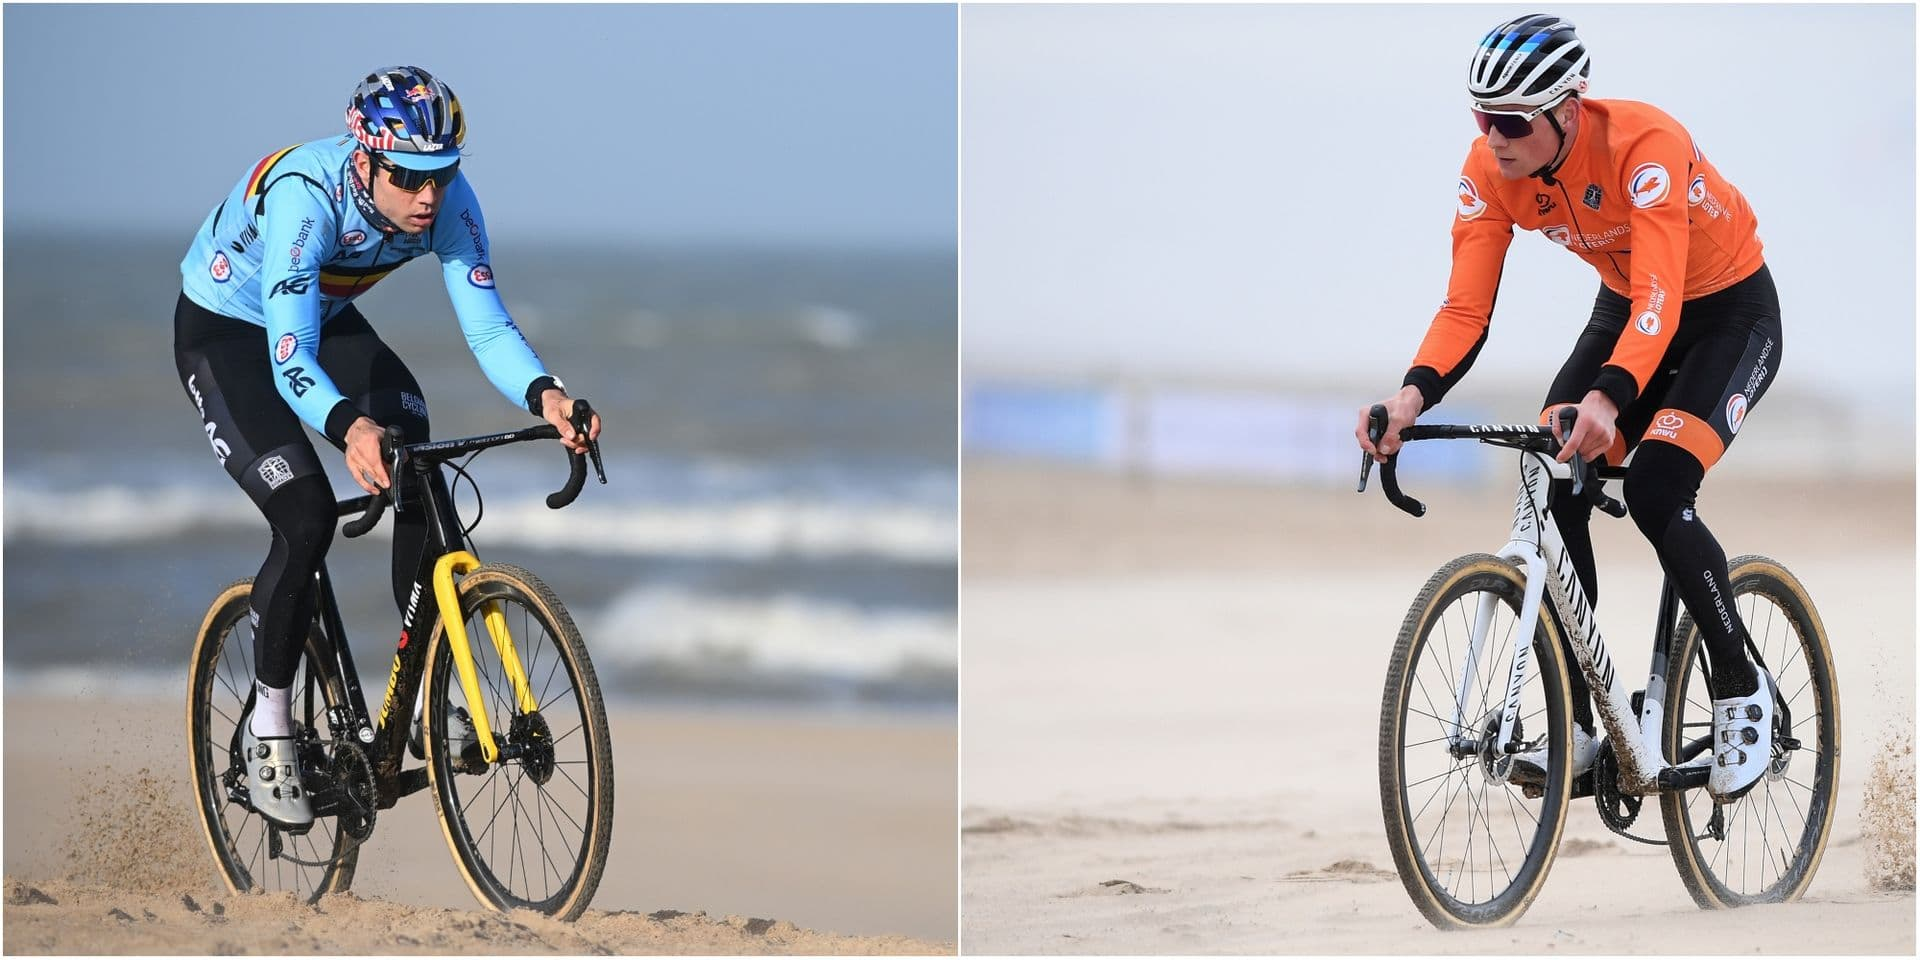 Van Aert-Van der Poel: une heure à se battre dans le sable pour un titre Mondial